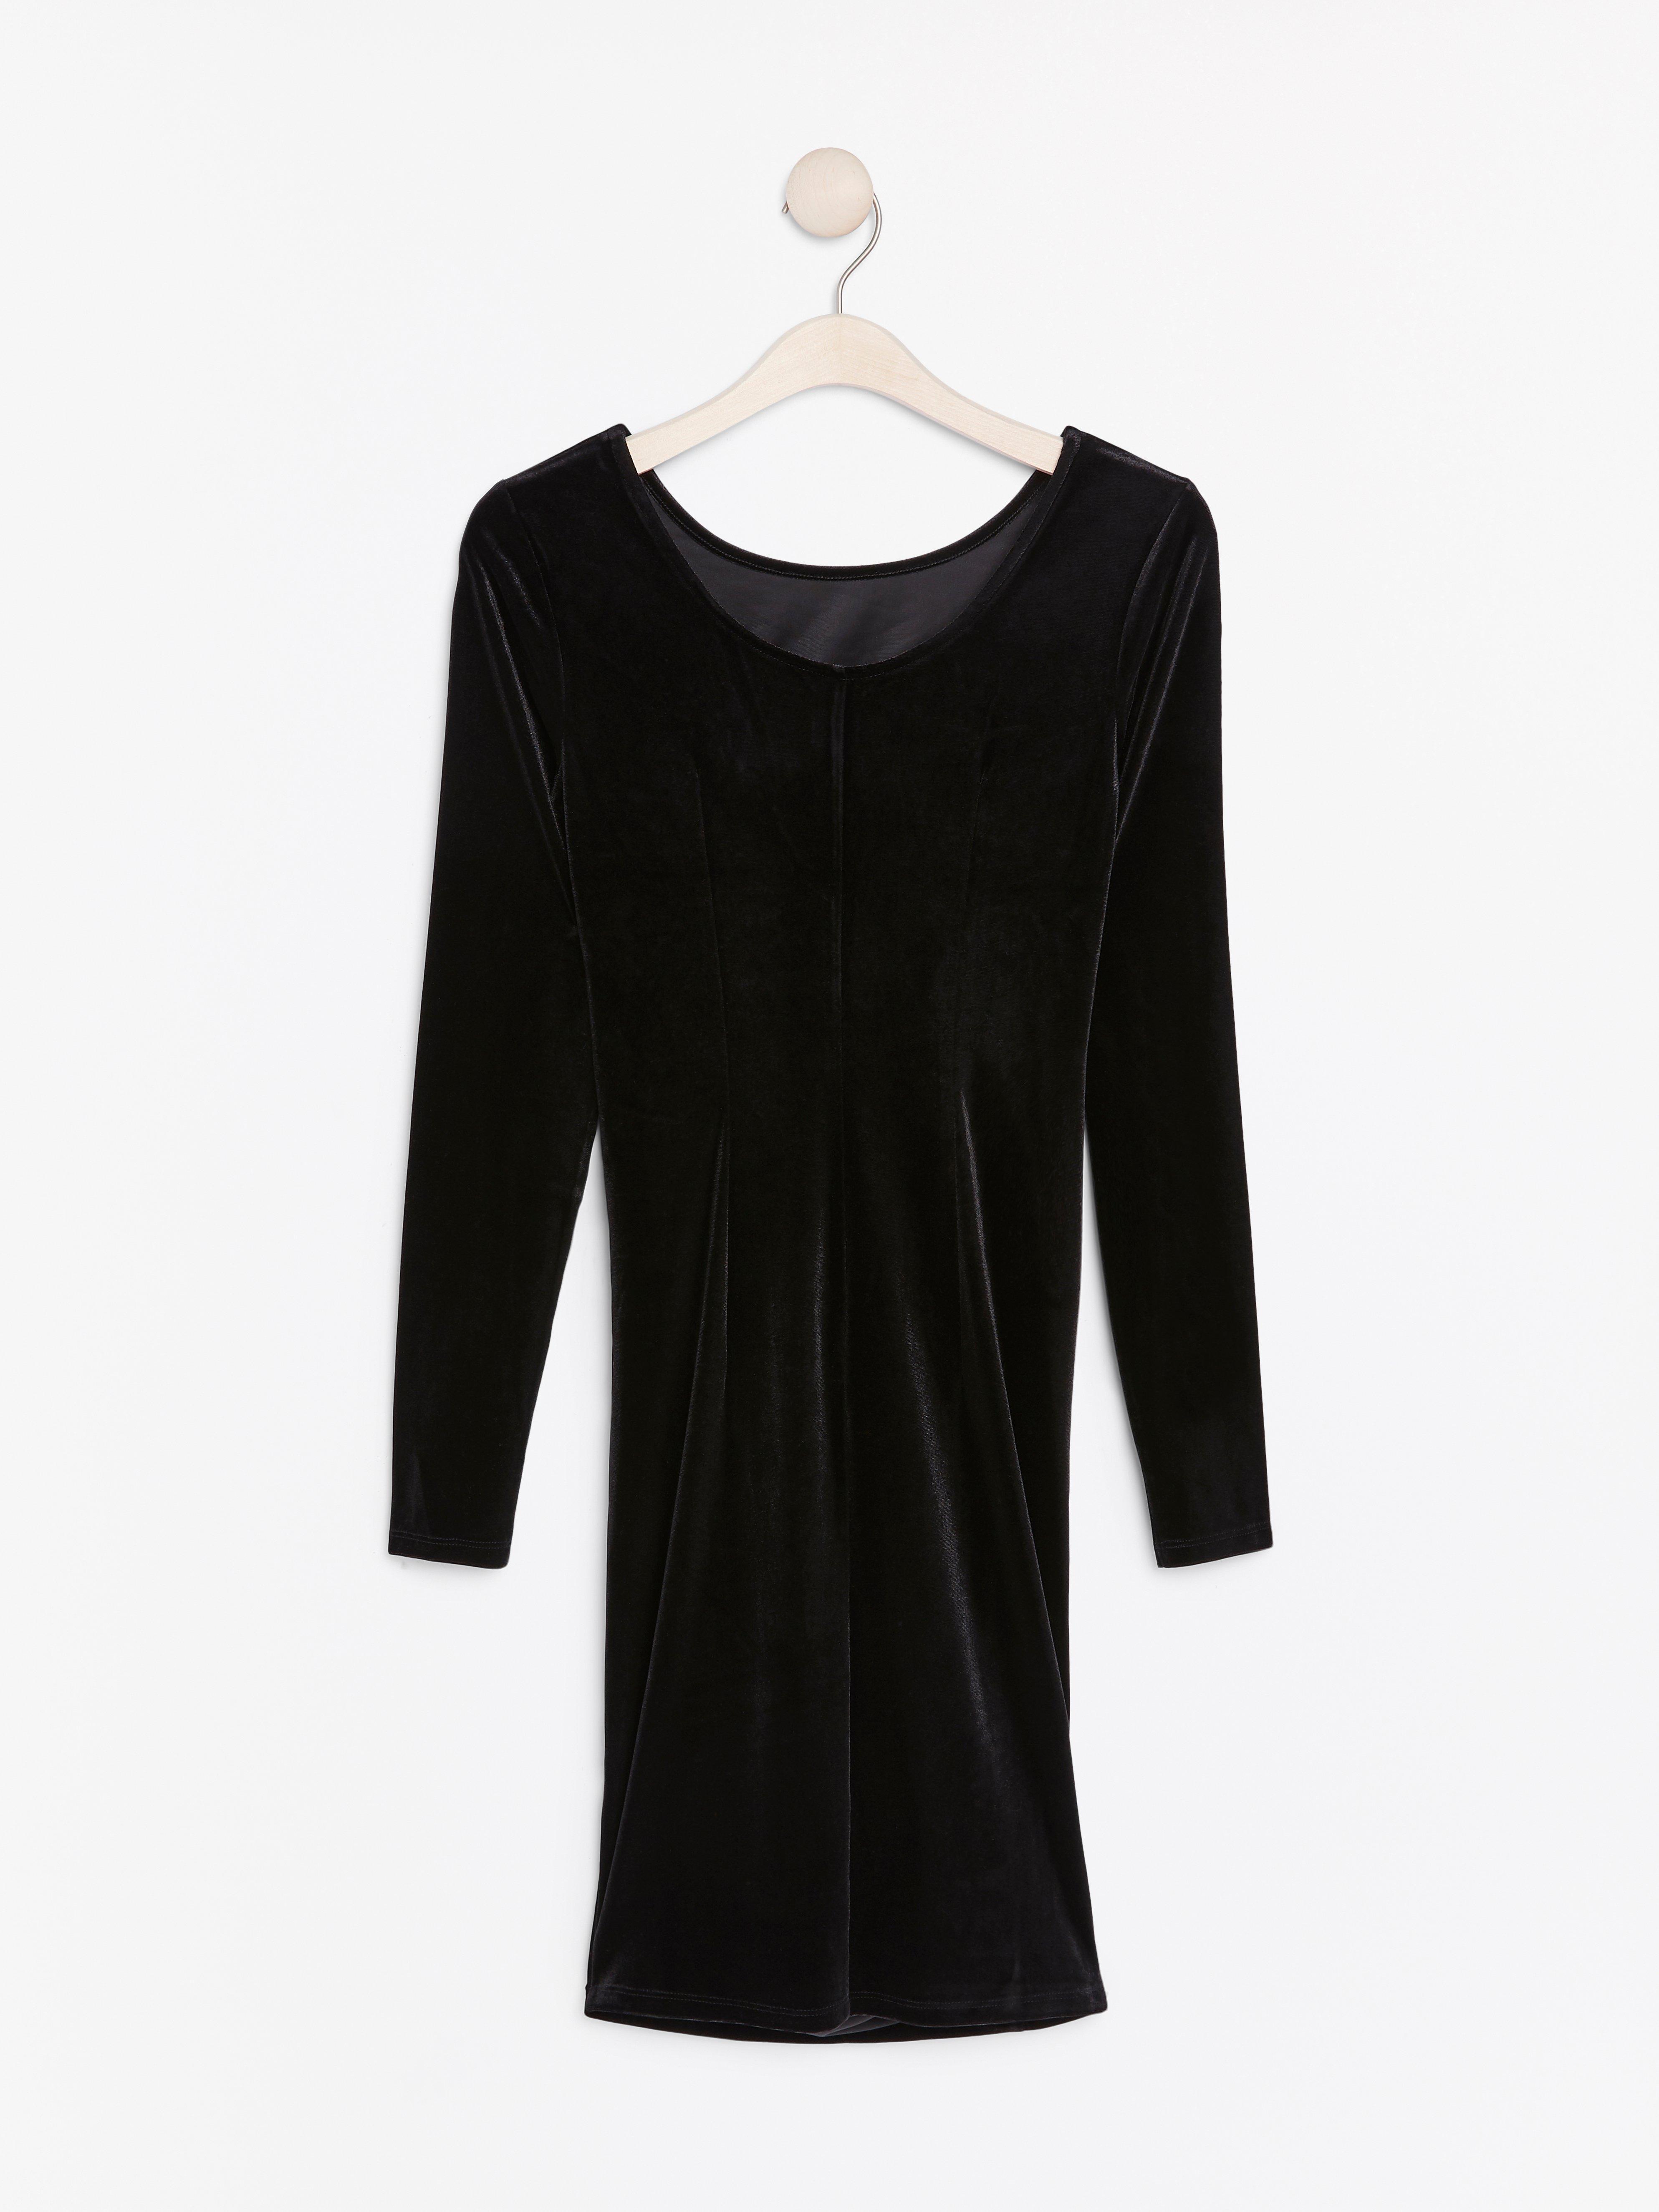 Long Sleeve Black Velvet Dress Lindex Europe